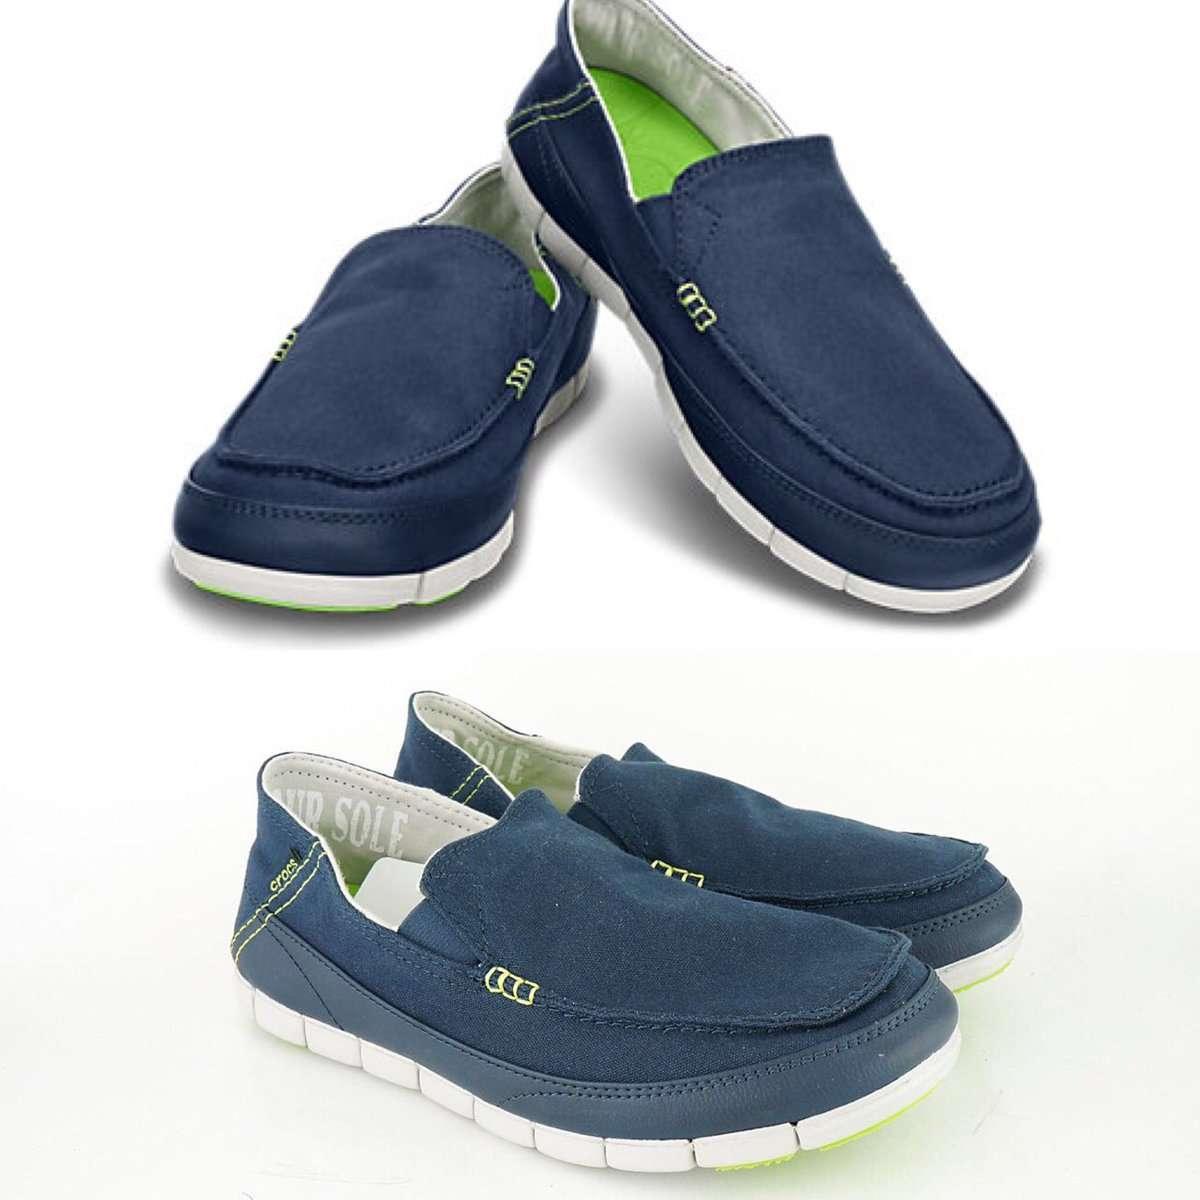 صور احذية طبية للمشي , للراحة اكثر اثناء المشى